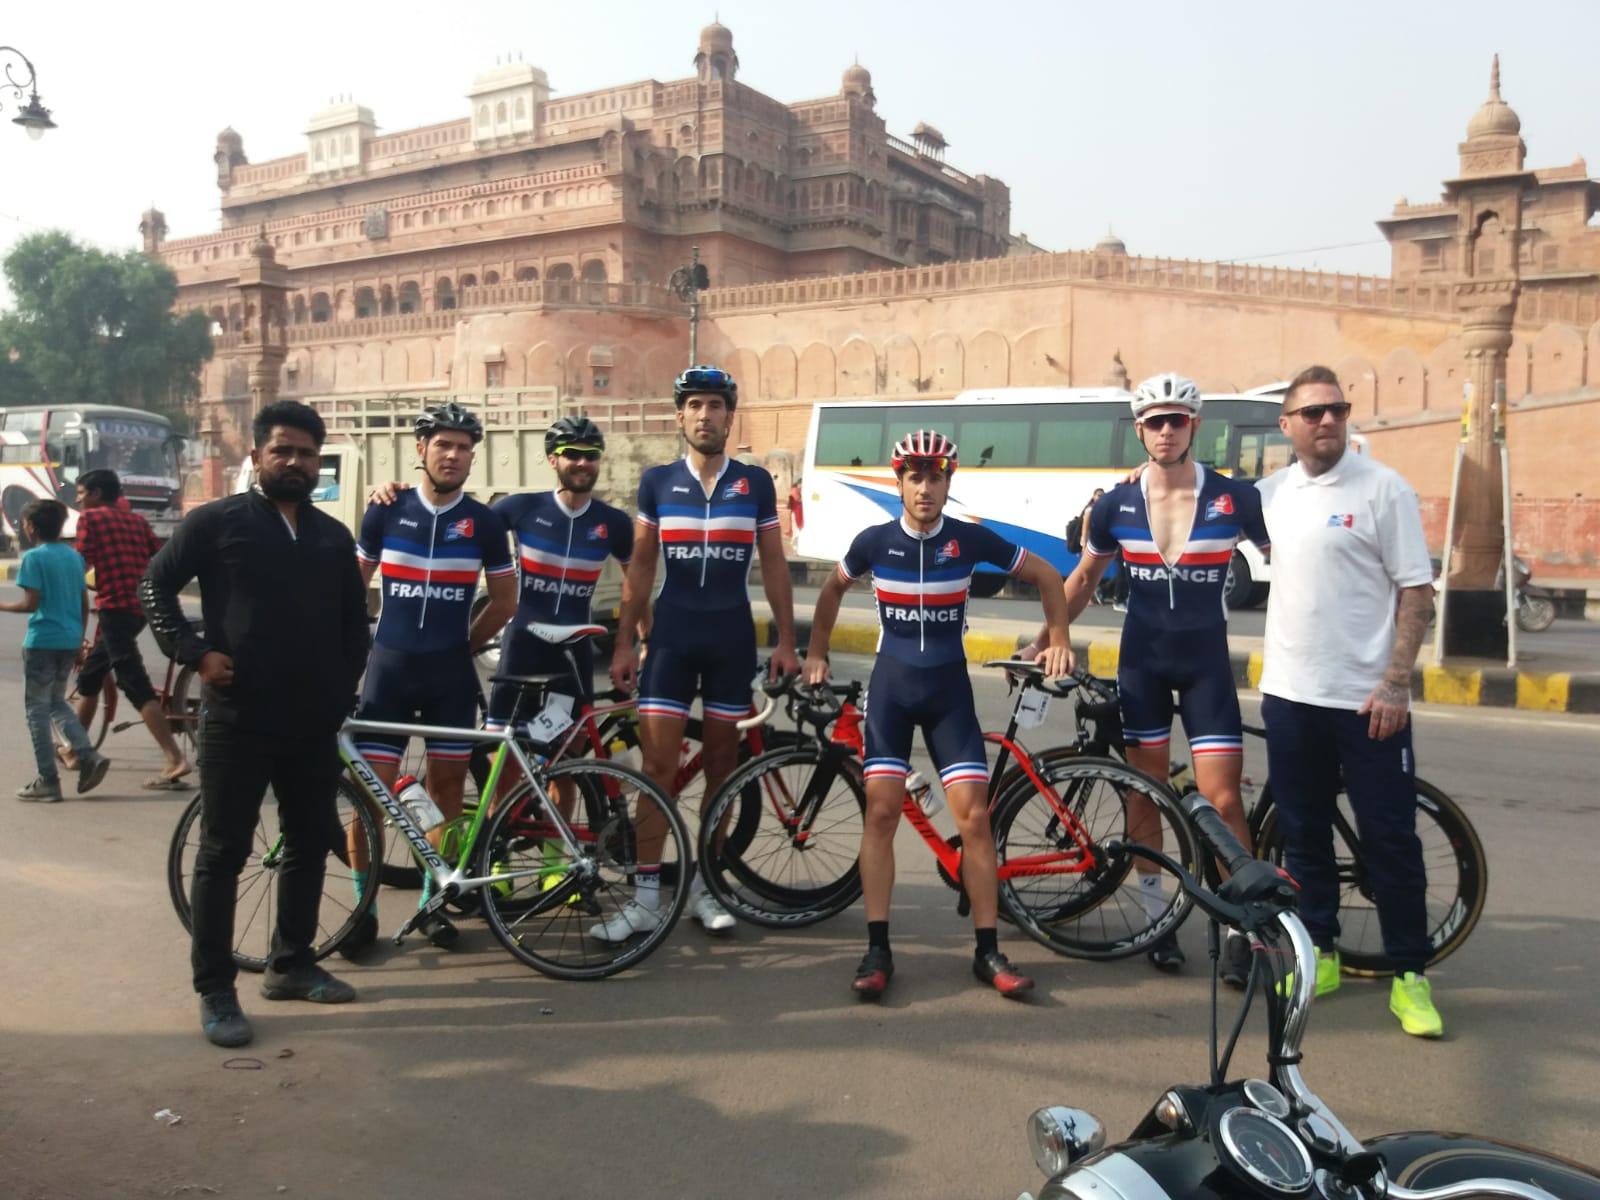 L'équipe de France USCF Cyclisme remporte l'USIC de Cyclisme par équipe en Inde !!!